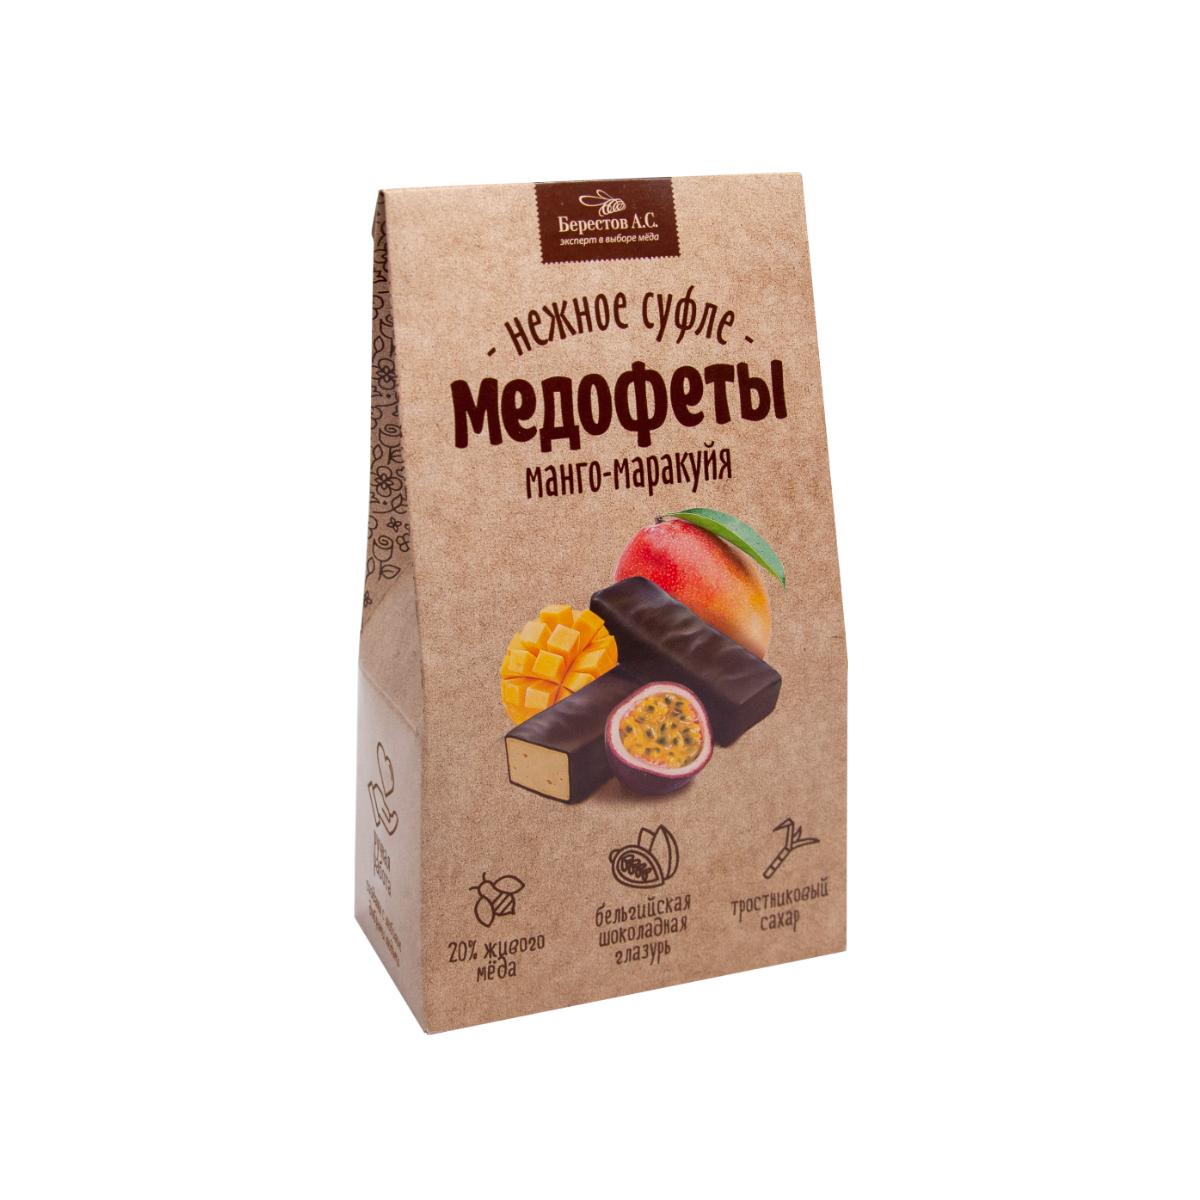 Медофеты Суфле манго-маракуйя в шоколадной глазури